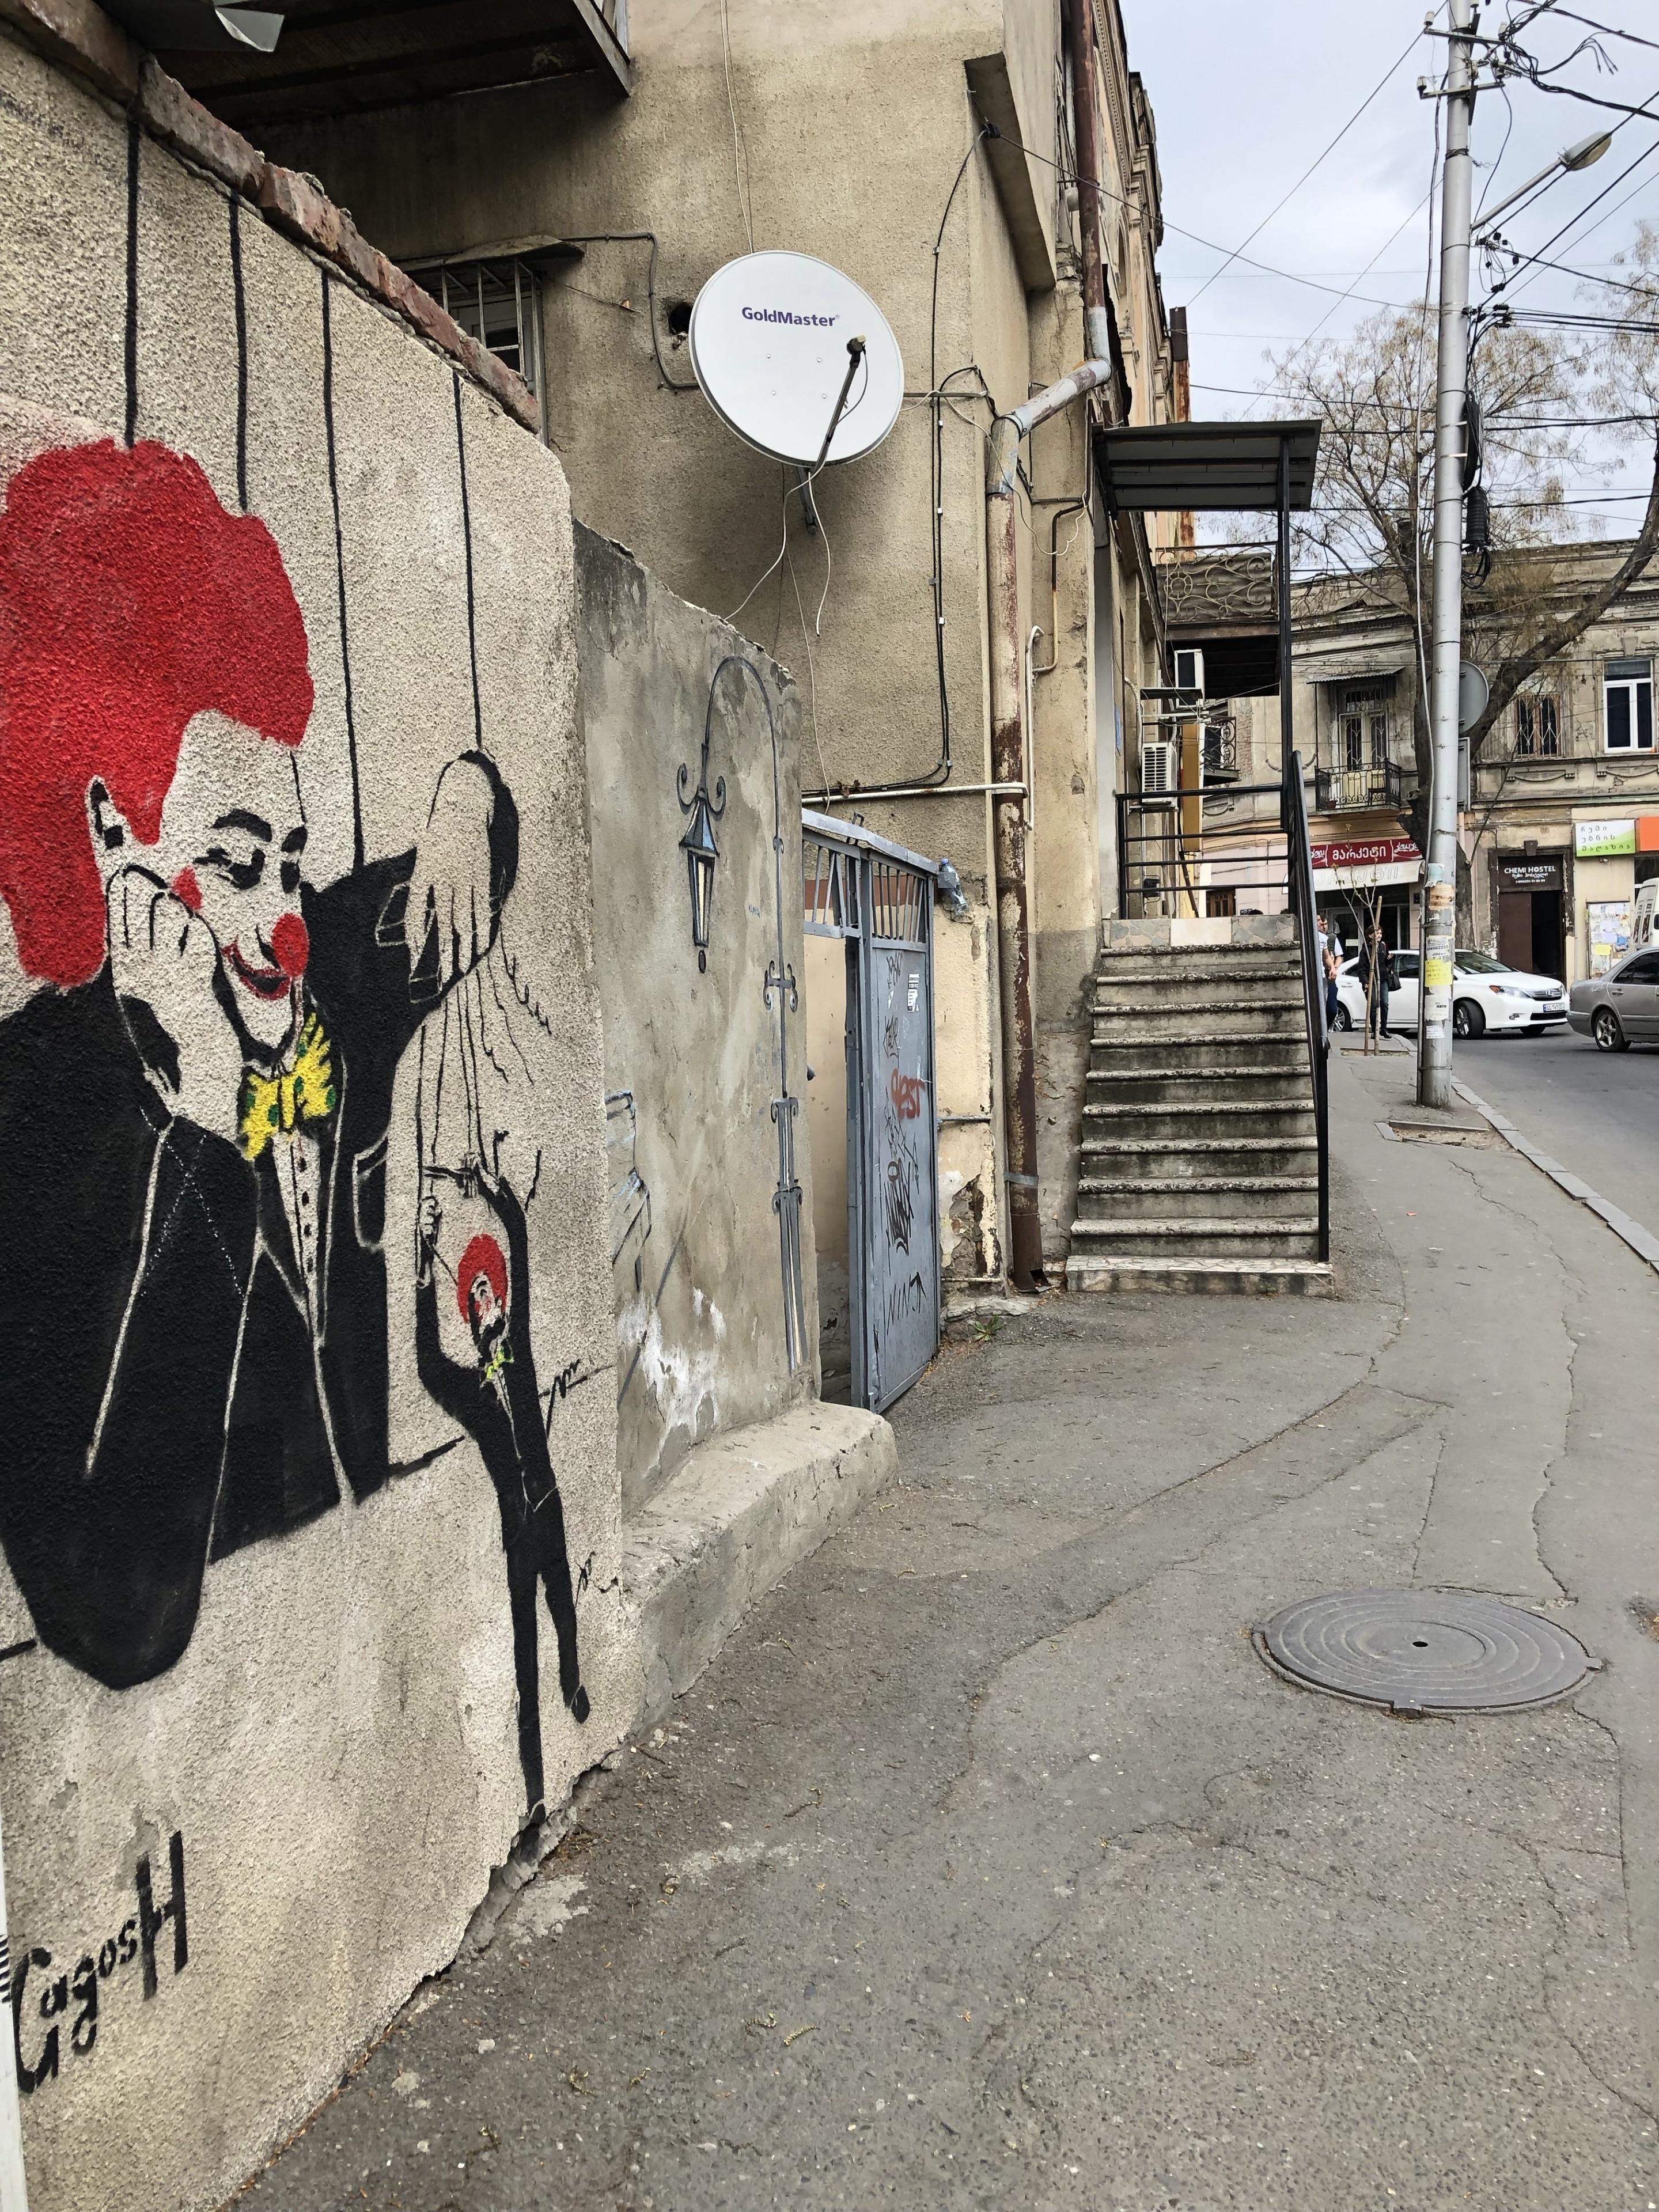 Chugureti, Tbilisi, Georgia